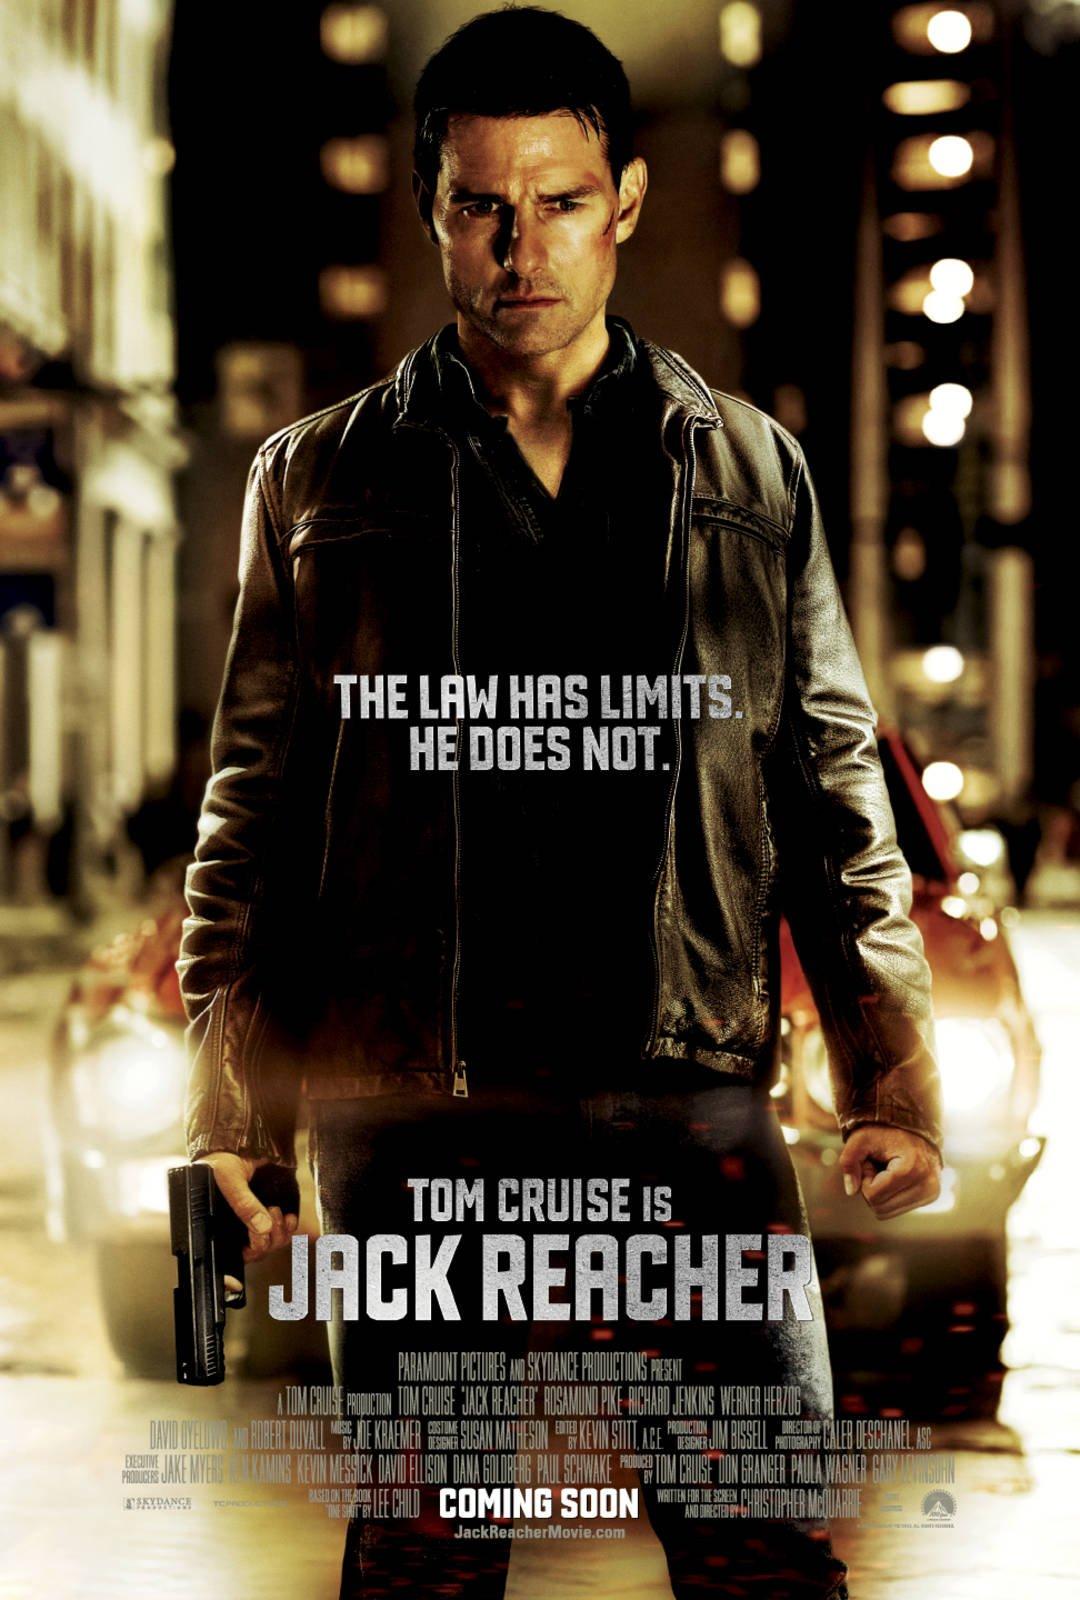 Jack Richer